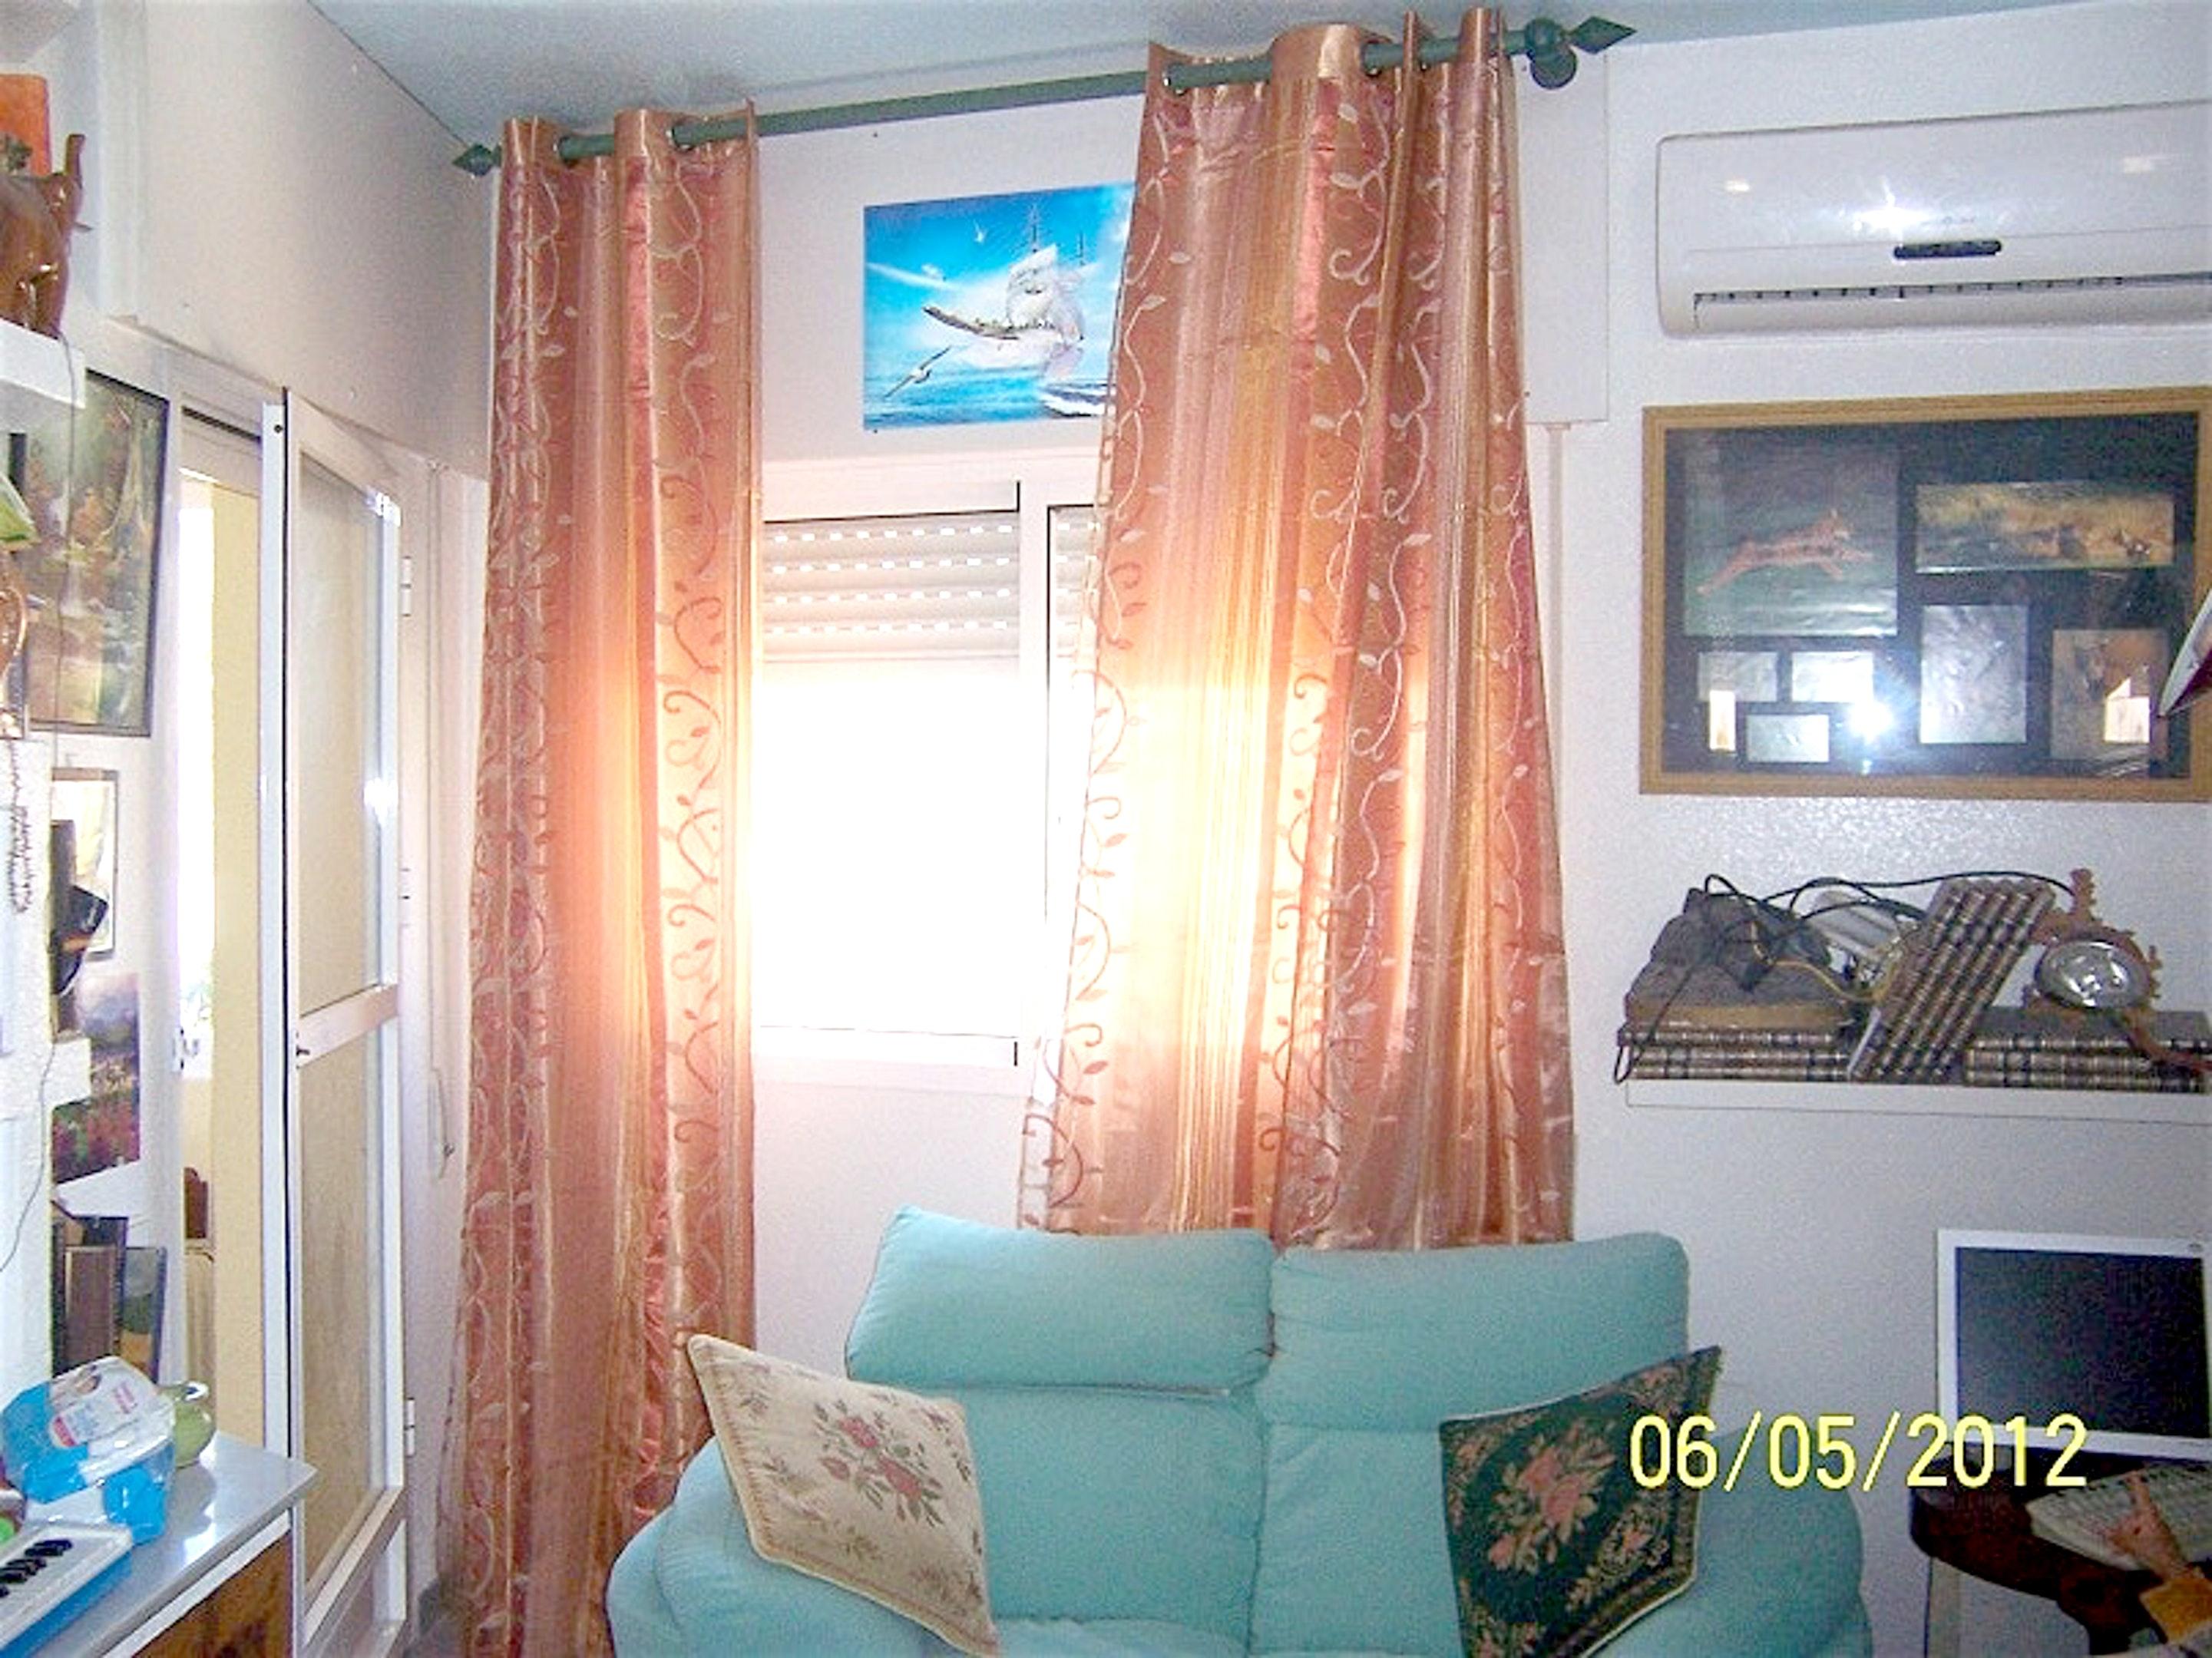 Ferienwohnung Wohnung mit 2 Schlafzimmern in San José de Nijar mit privatem Pool, Terrasse und W-LAN - 5 (2271490), San Jose, Costa de Almeria, Andalusien, Spanien, Bild 7